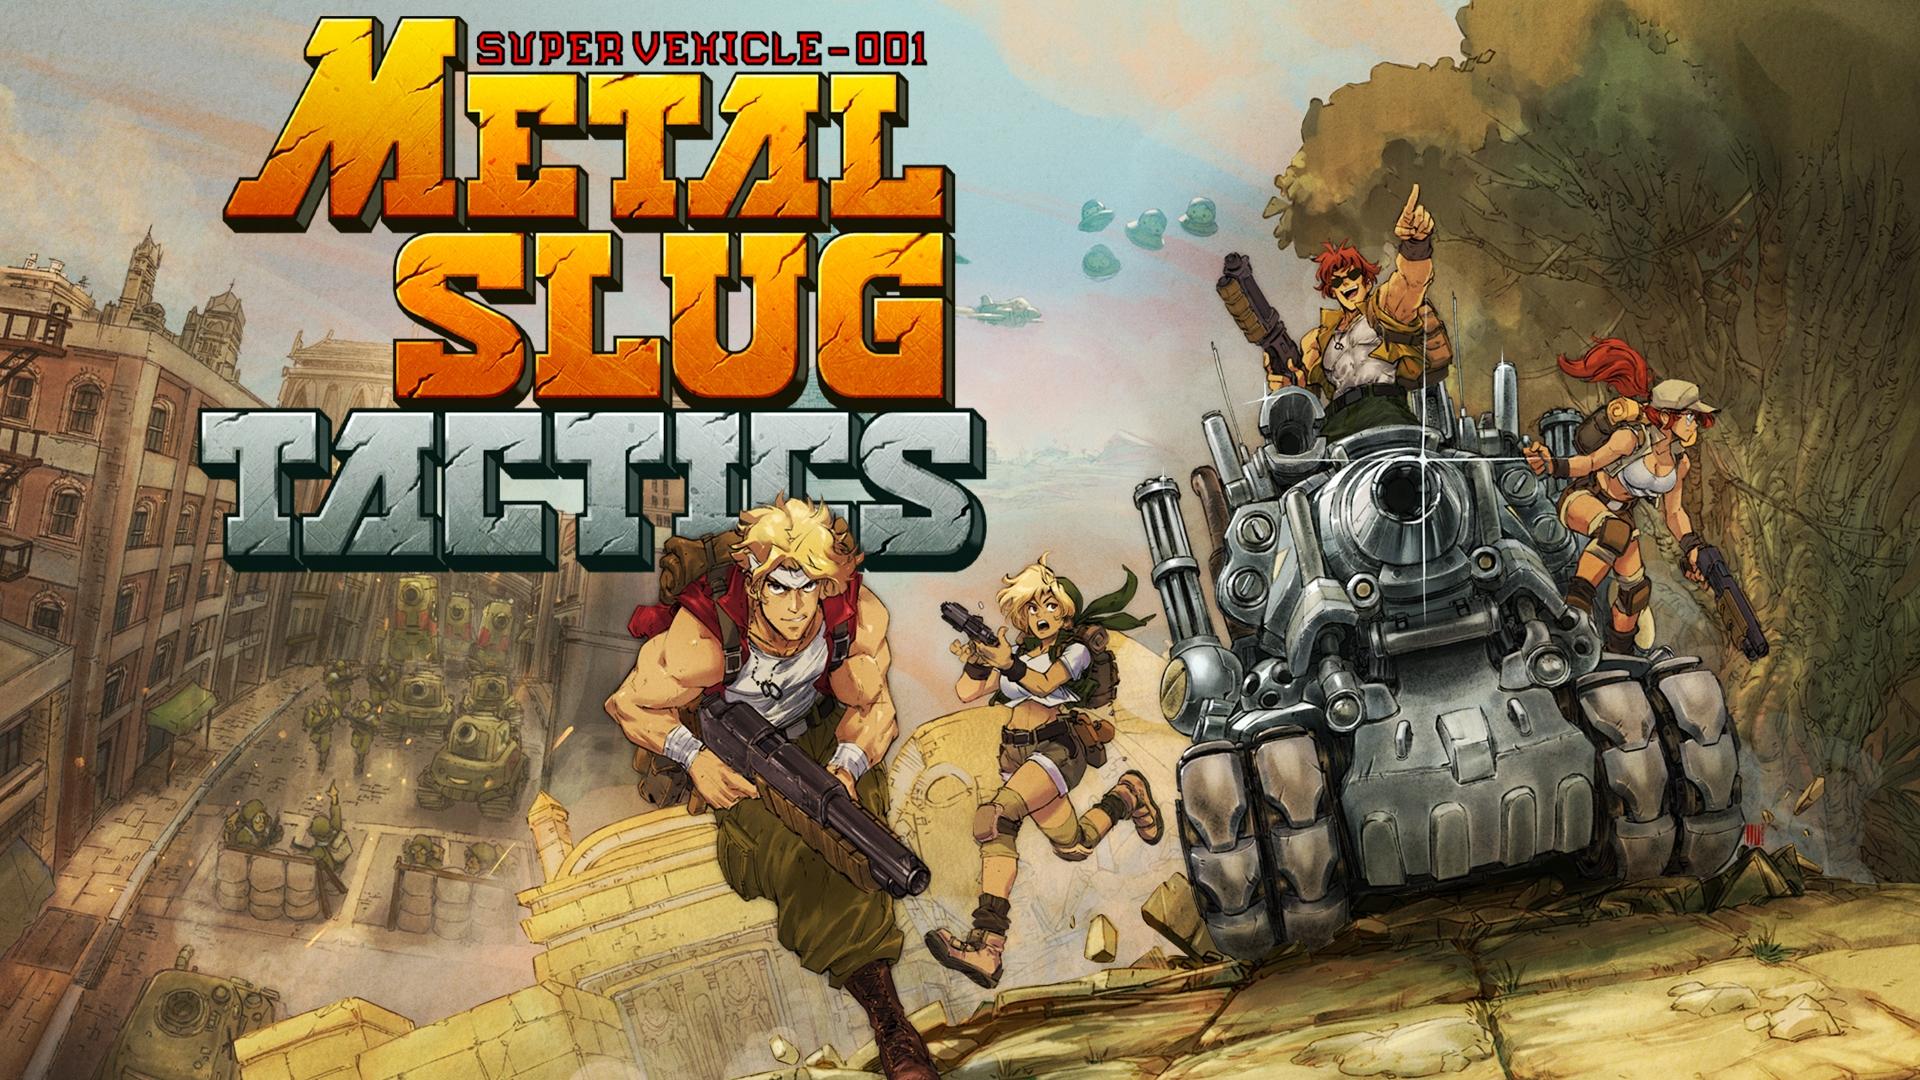 Metal Slug возвращается: анонсирована тактическая RPG Metal Slug Tactics от издателя Streets of Rage 4